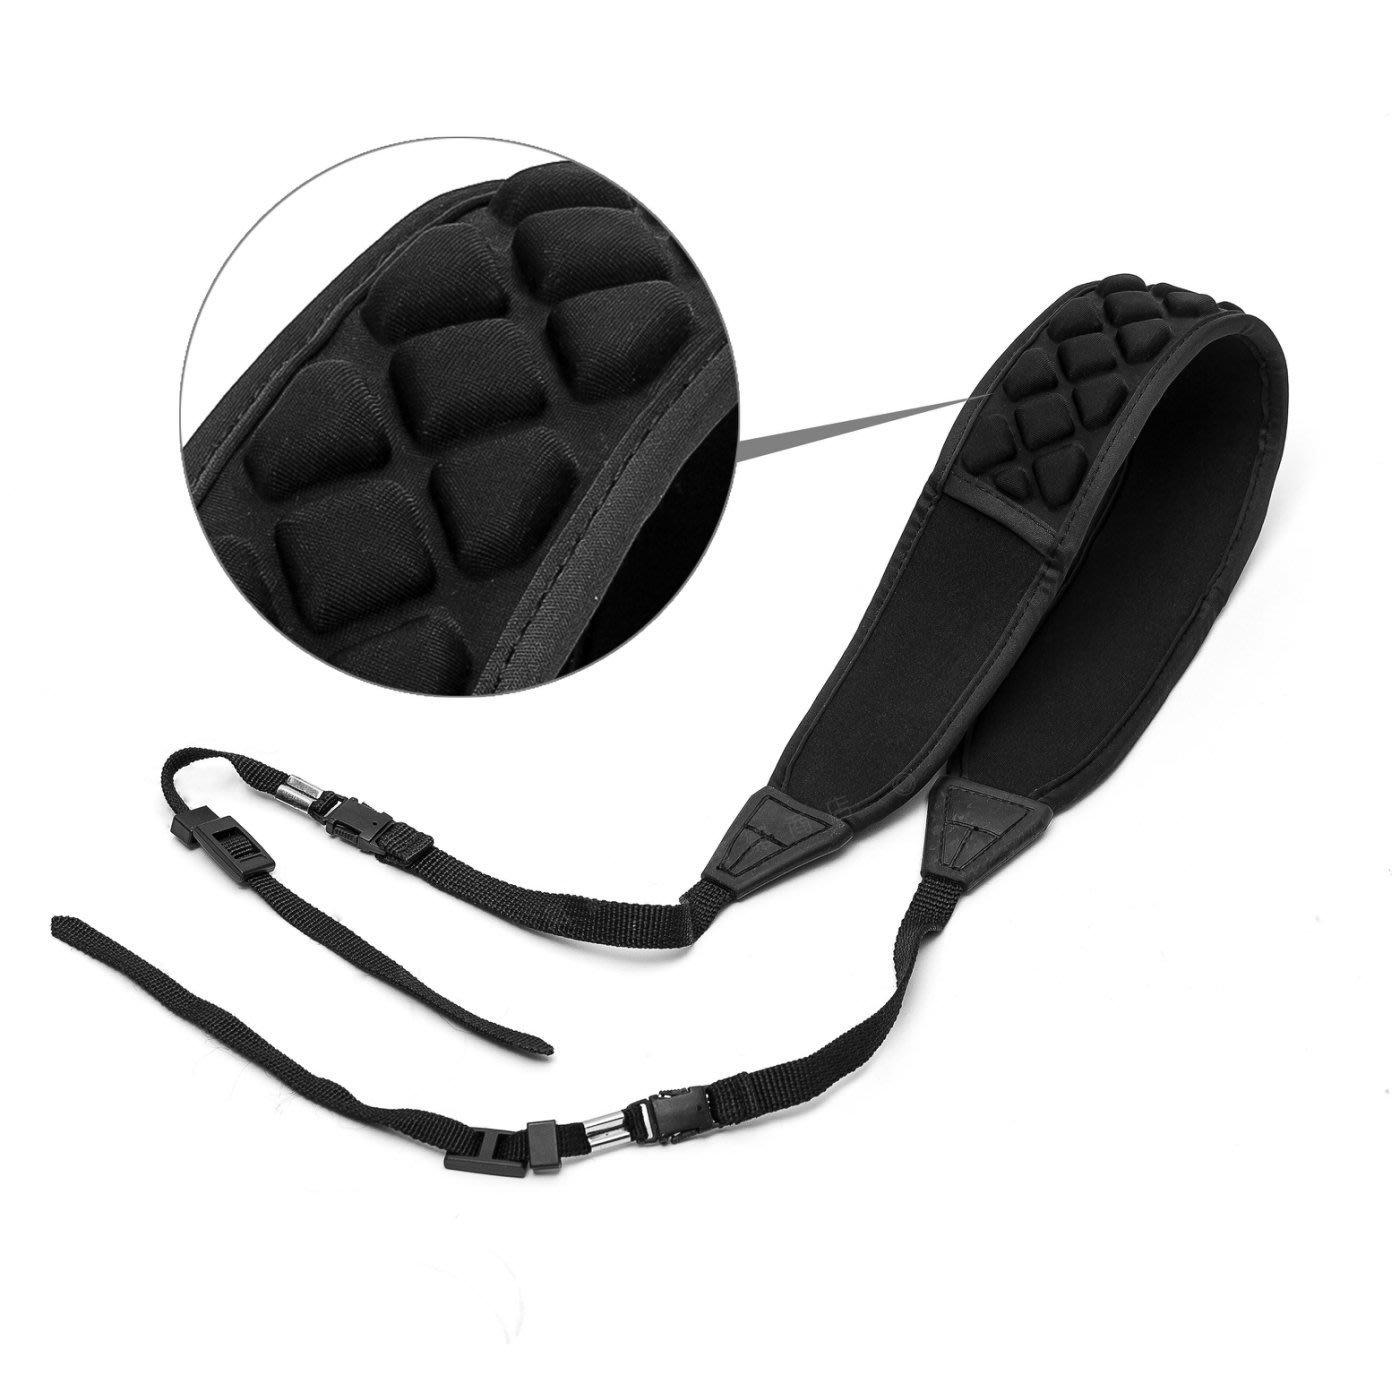 氣墊減壓背帶 彈性減壓背帶 氣泡背帶 單肩背帶 減壓背帶 加強型 透氣背帶